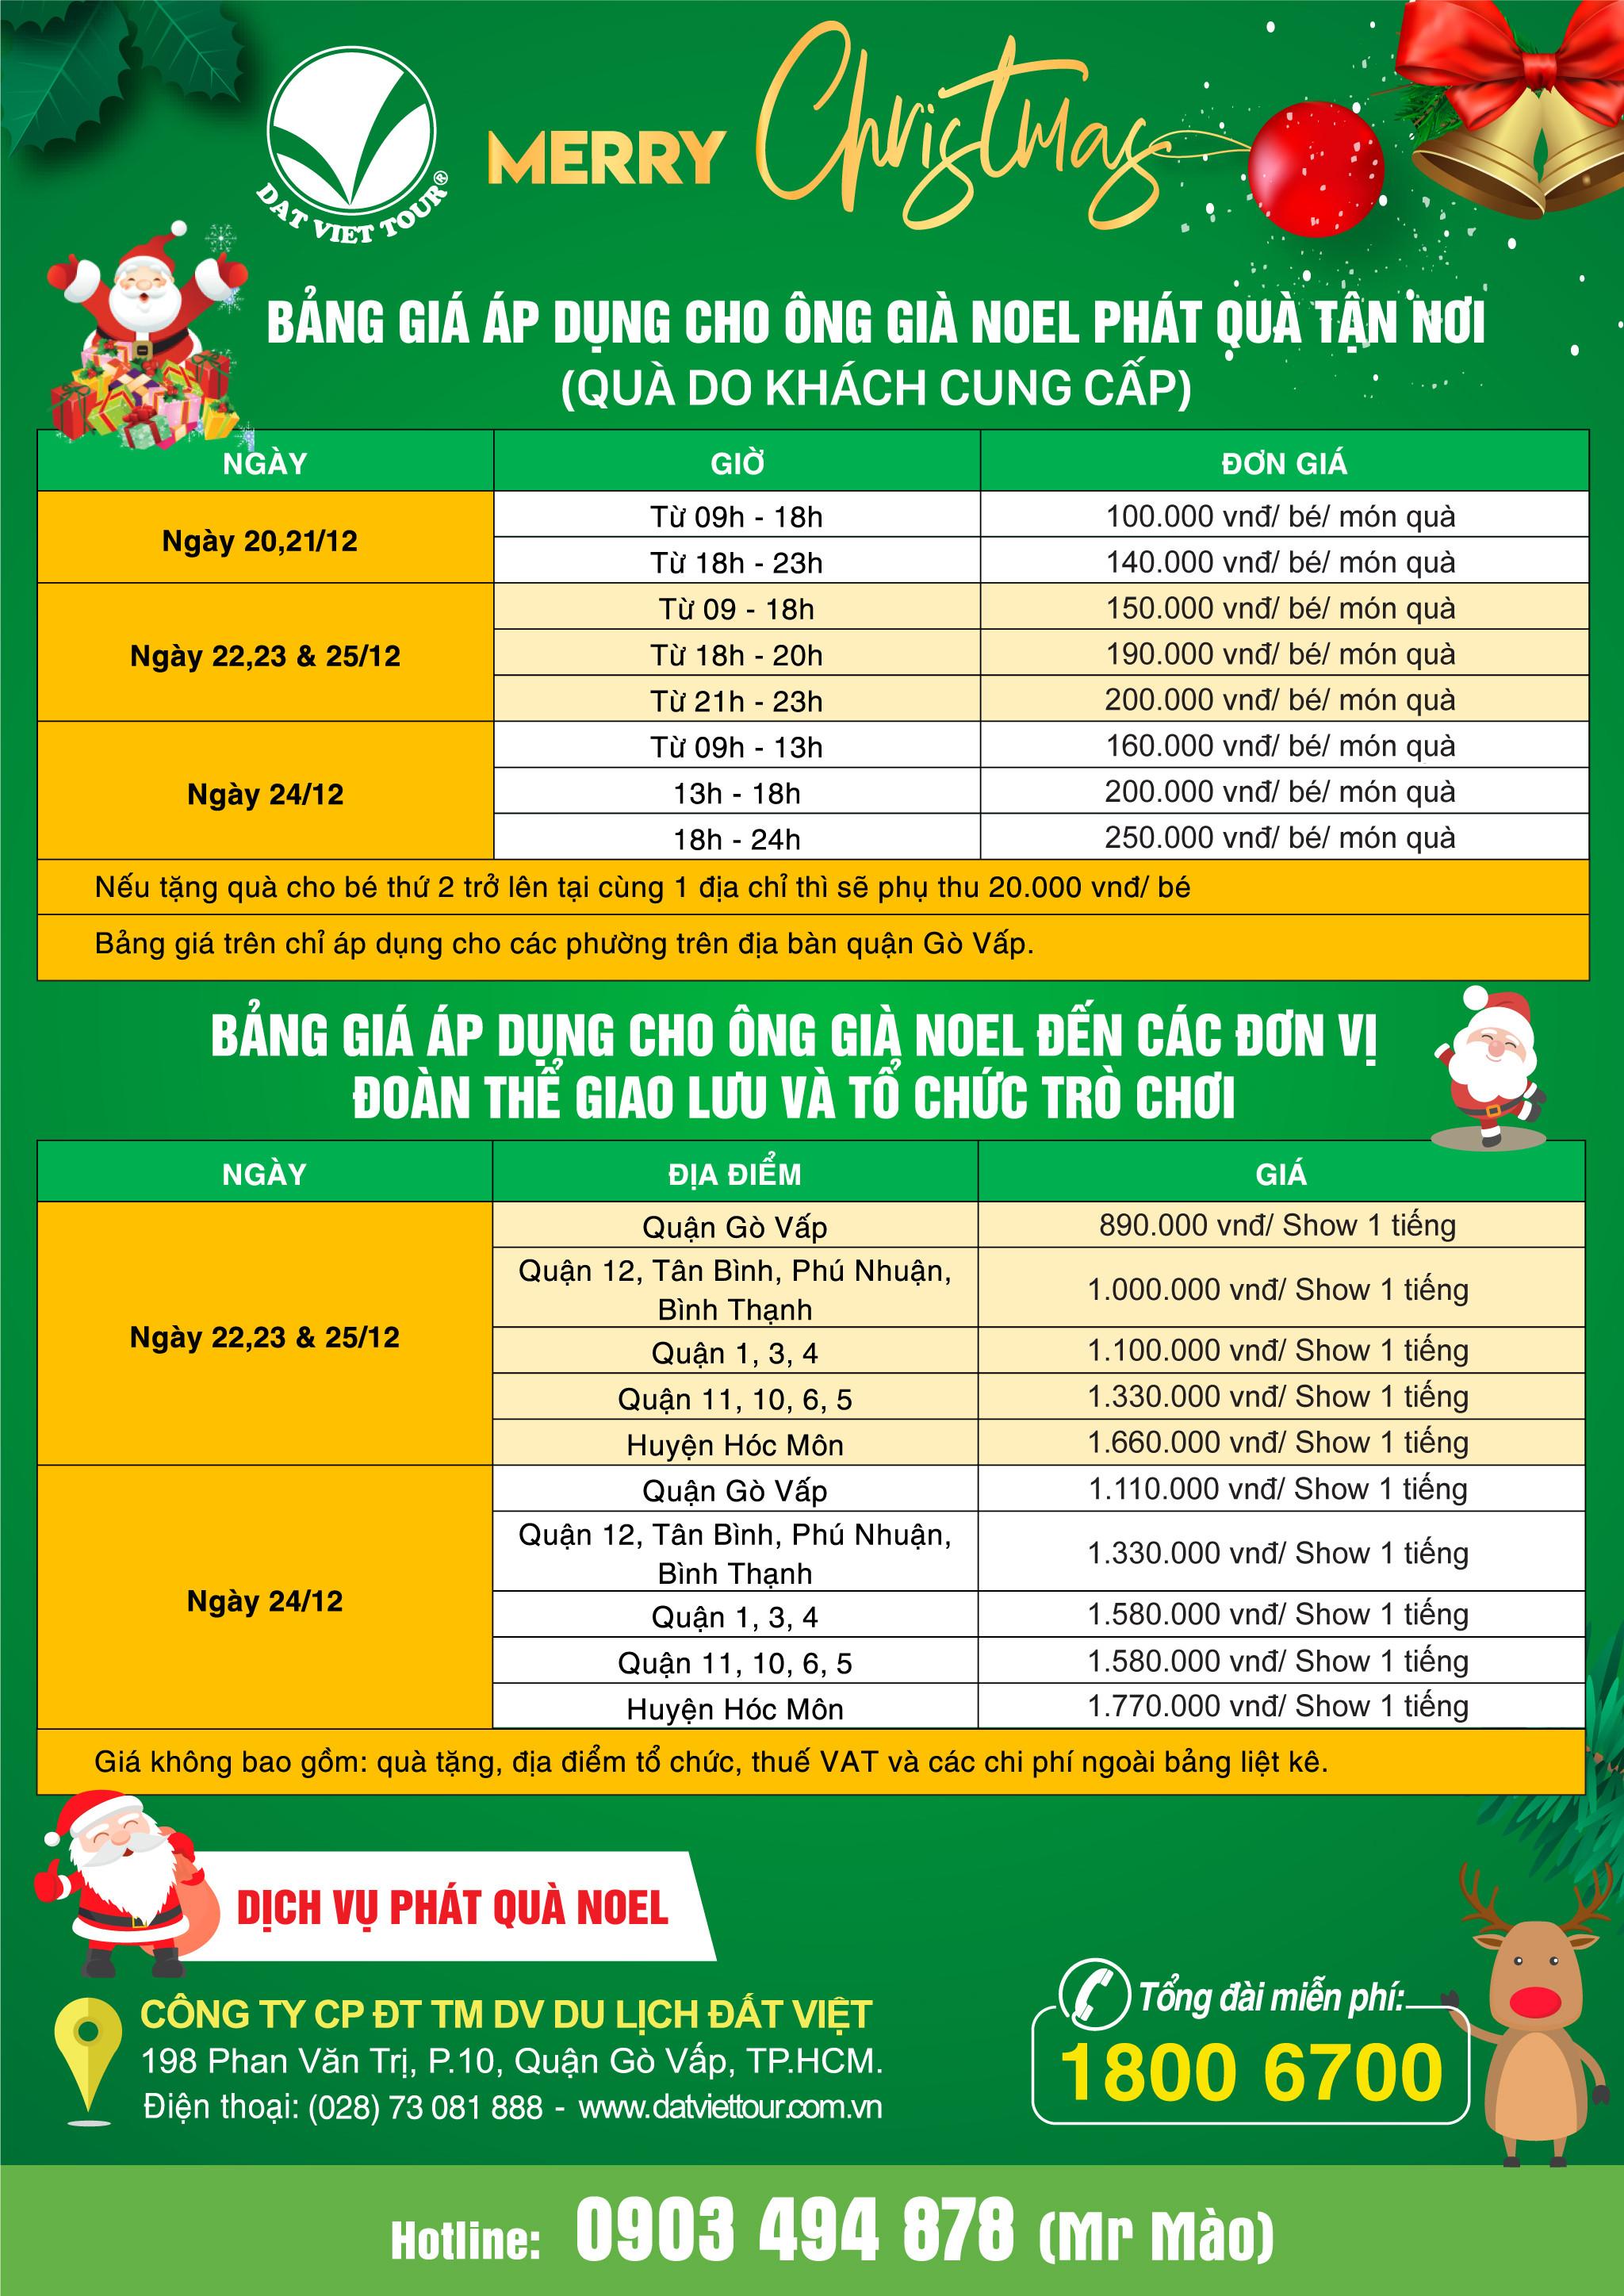 Giáng sinh ấm áp cùng dịch vụ trao quà Noel của Đất Việt Tour - ảnh 4